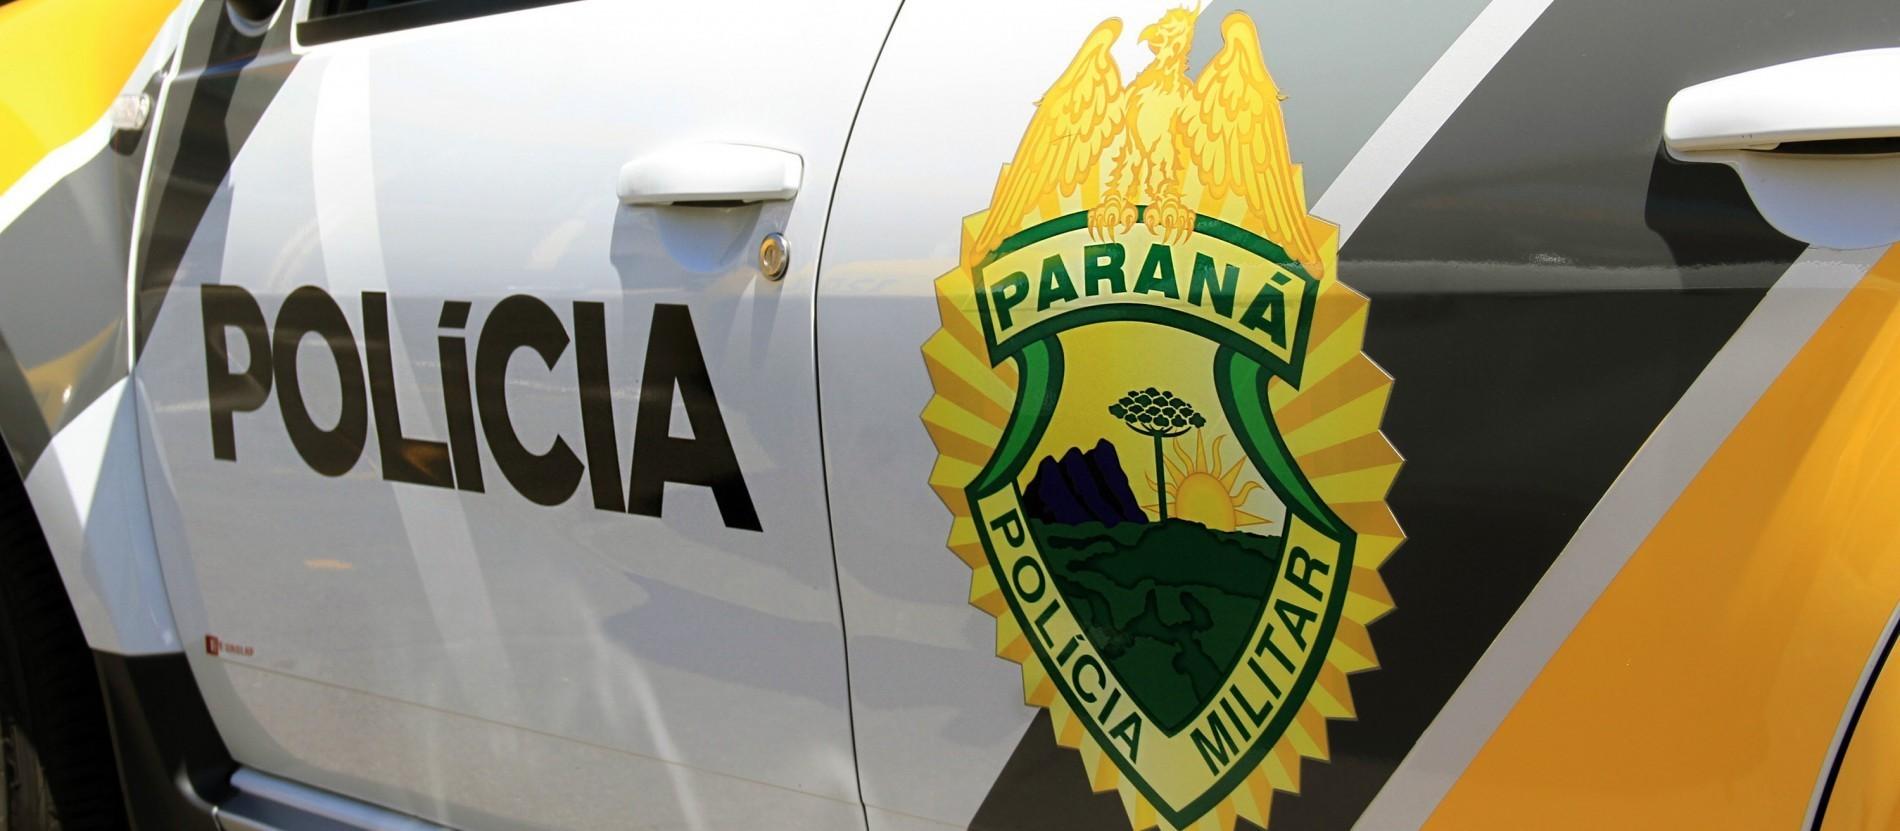 MP cumpre mandados judiciais em Paranavaí e Maringá